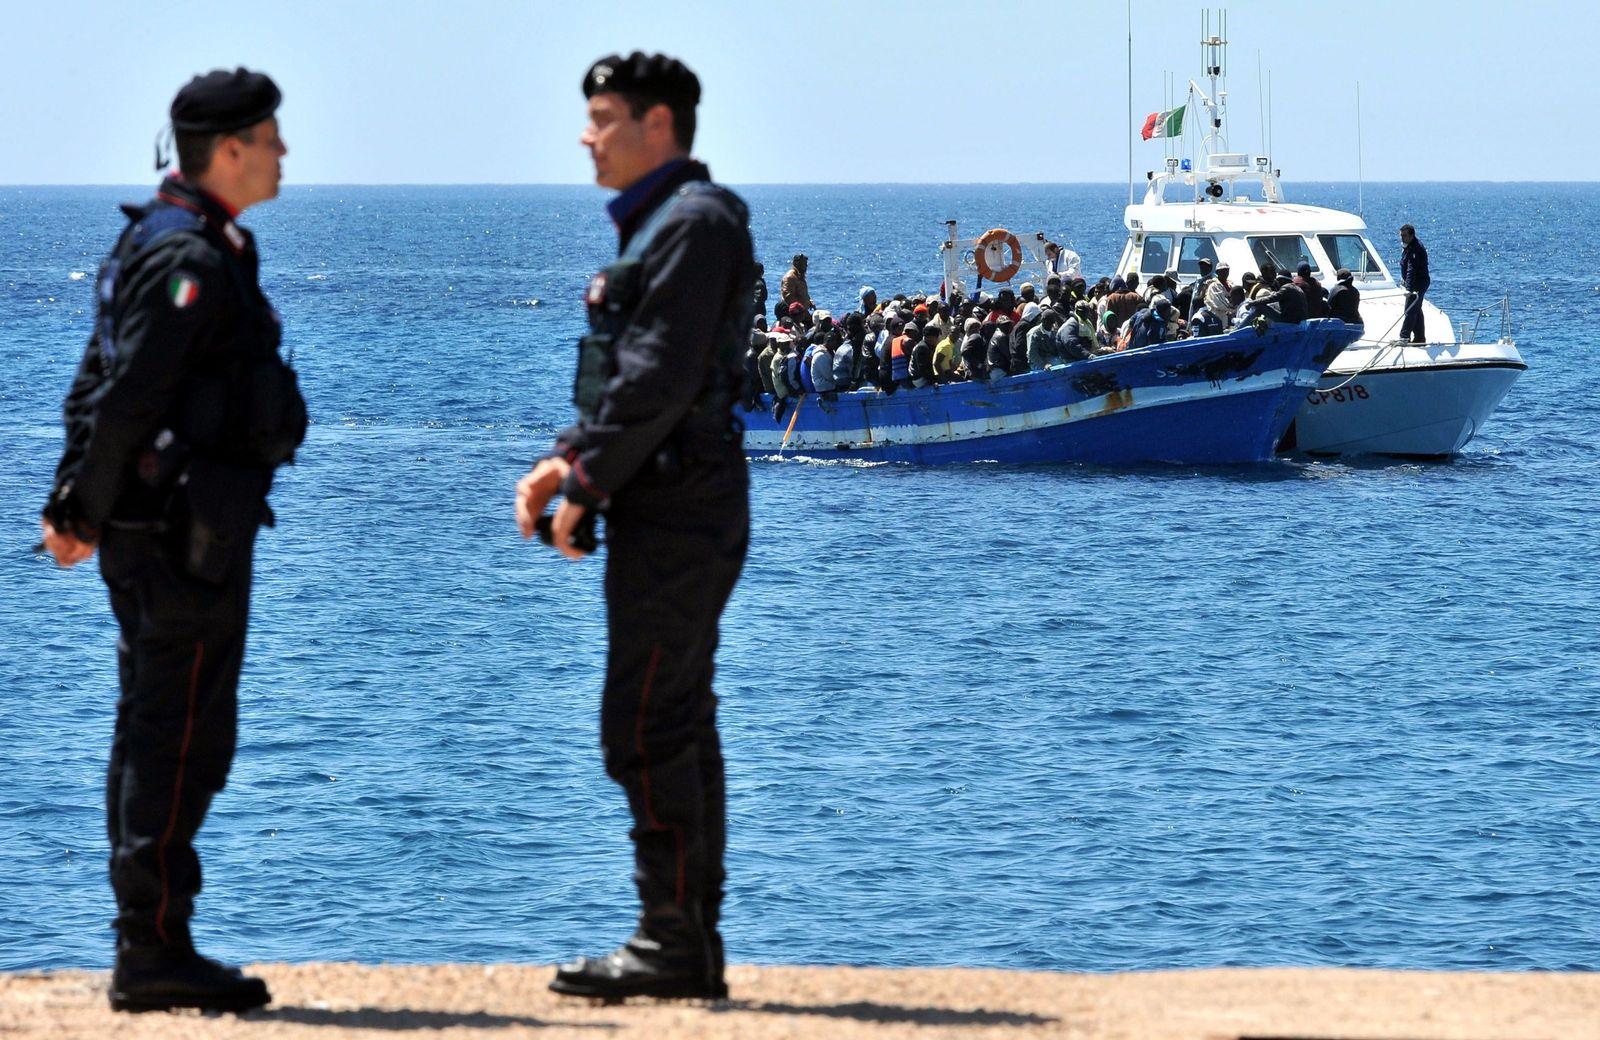 Küstenwache/ Italien/ Flüchtlinge